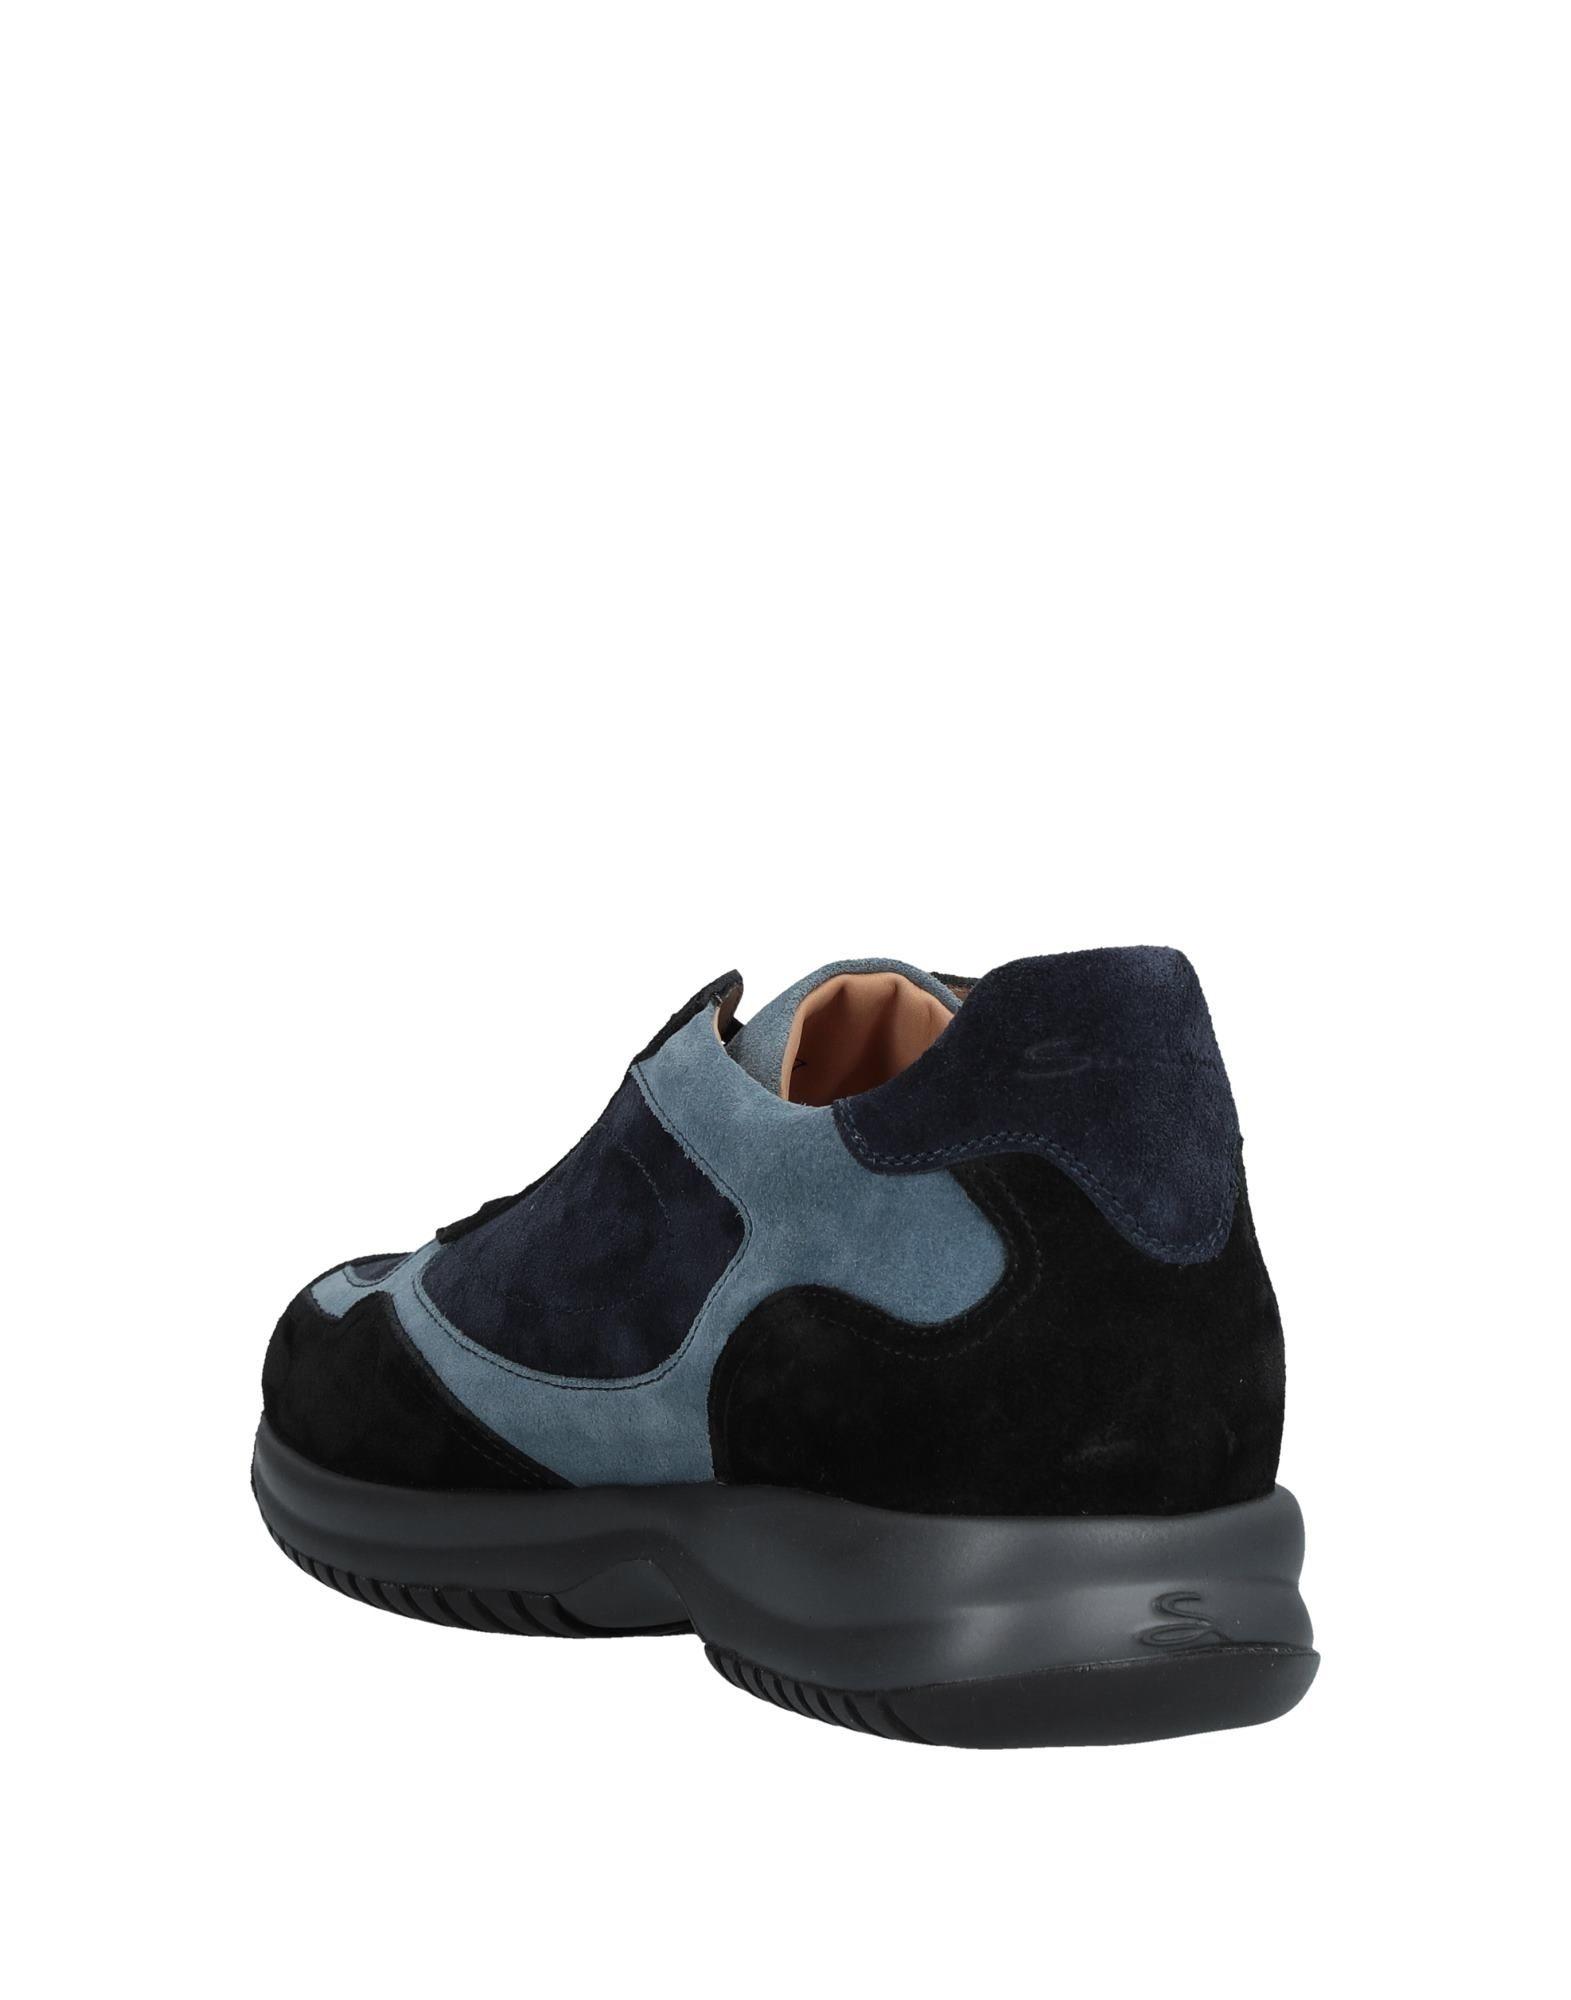 Santoni Sneakers Herren Qualität  11542079WT Gute Qualität Herren beliebte Schuhe 6e0d08